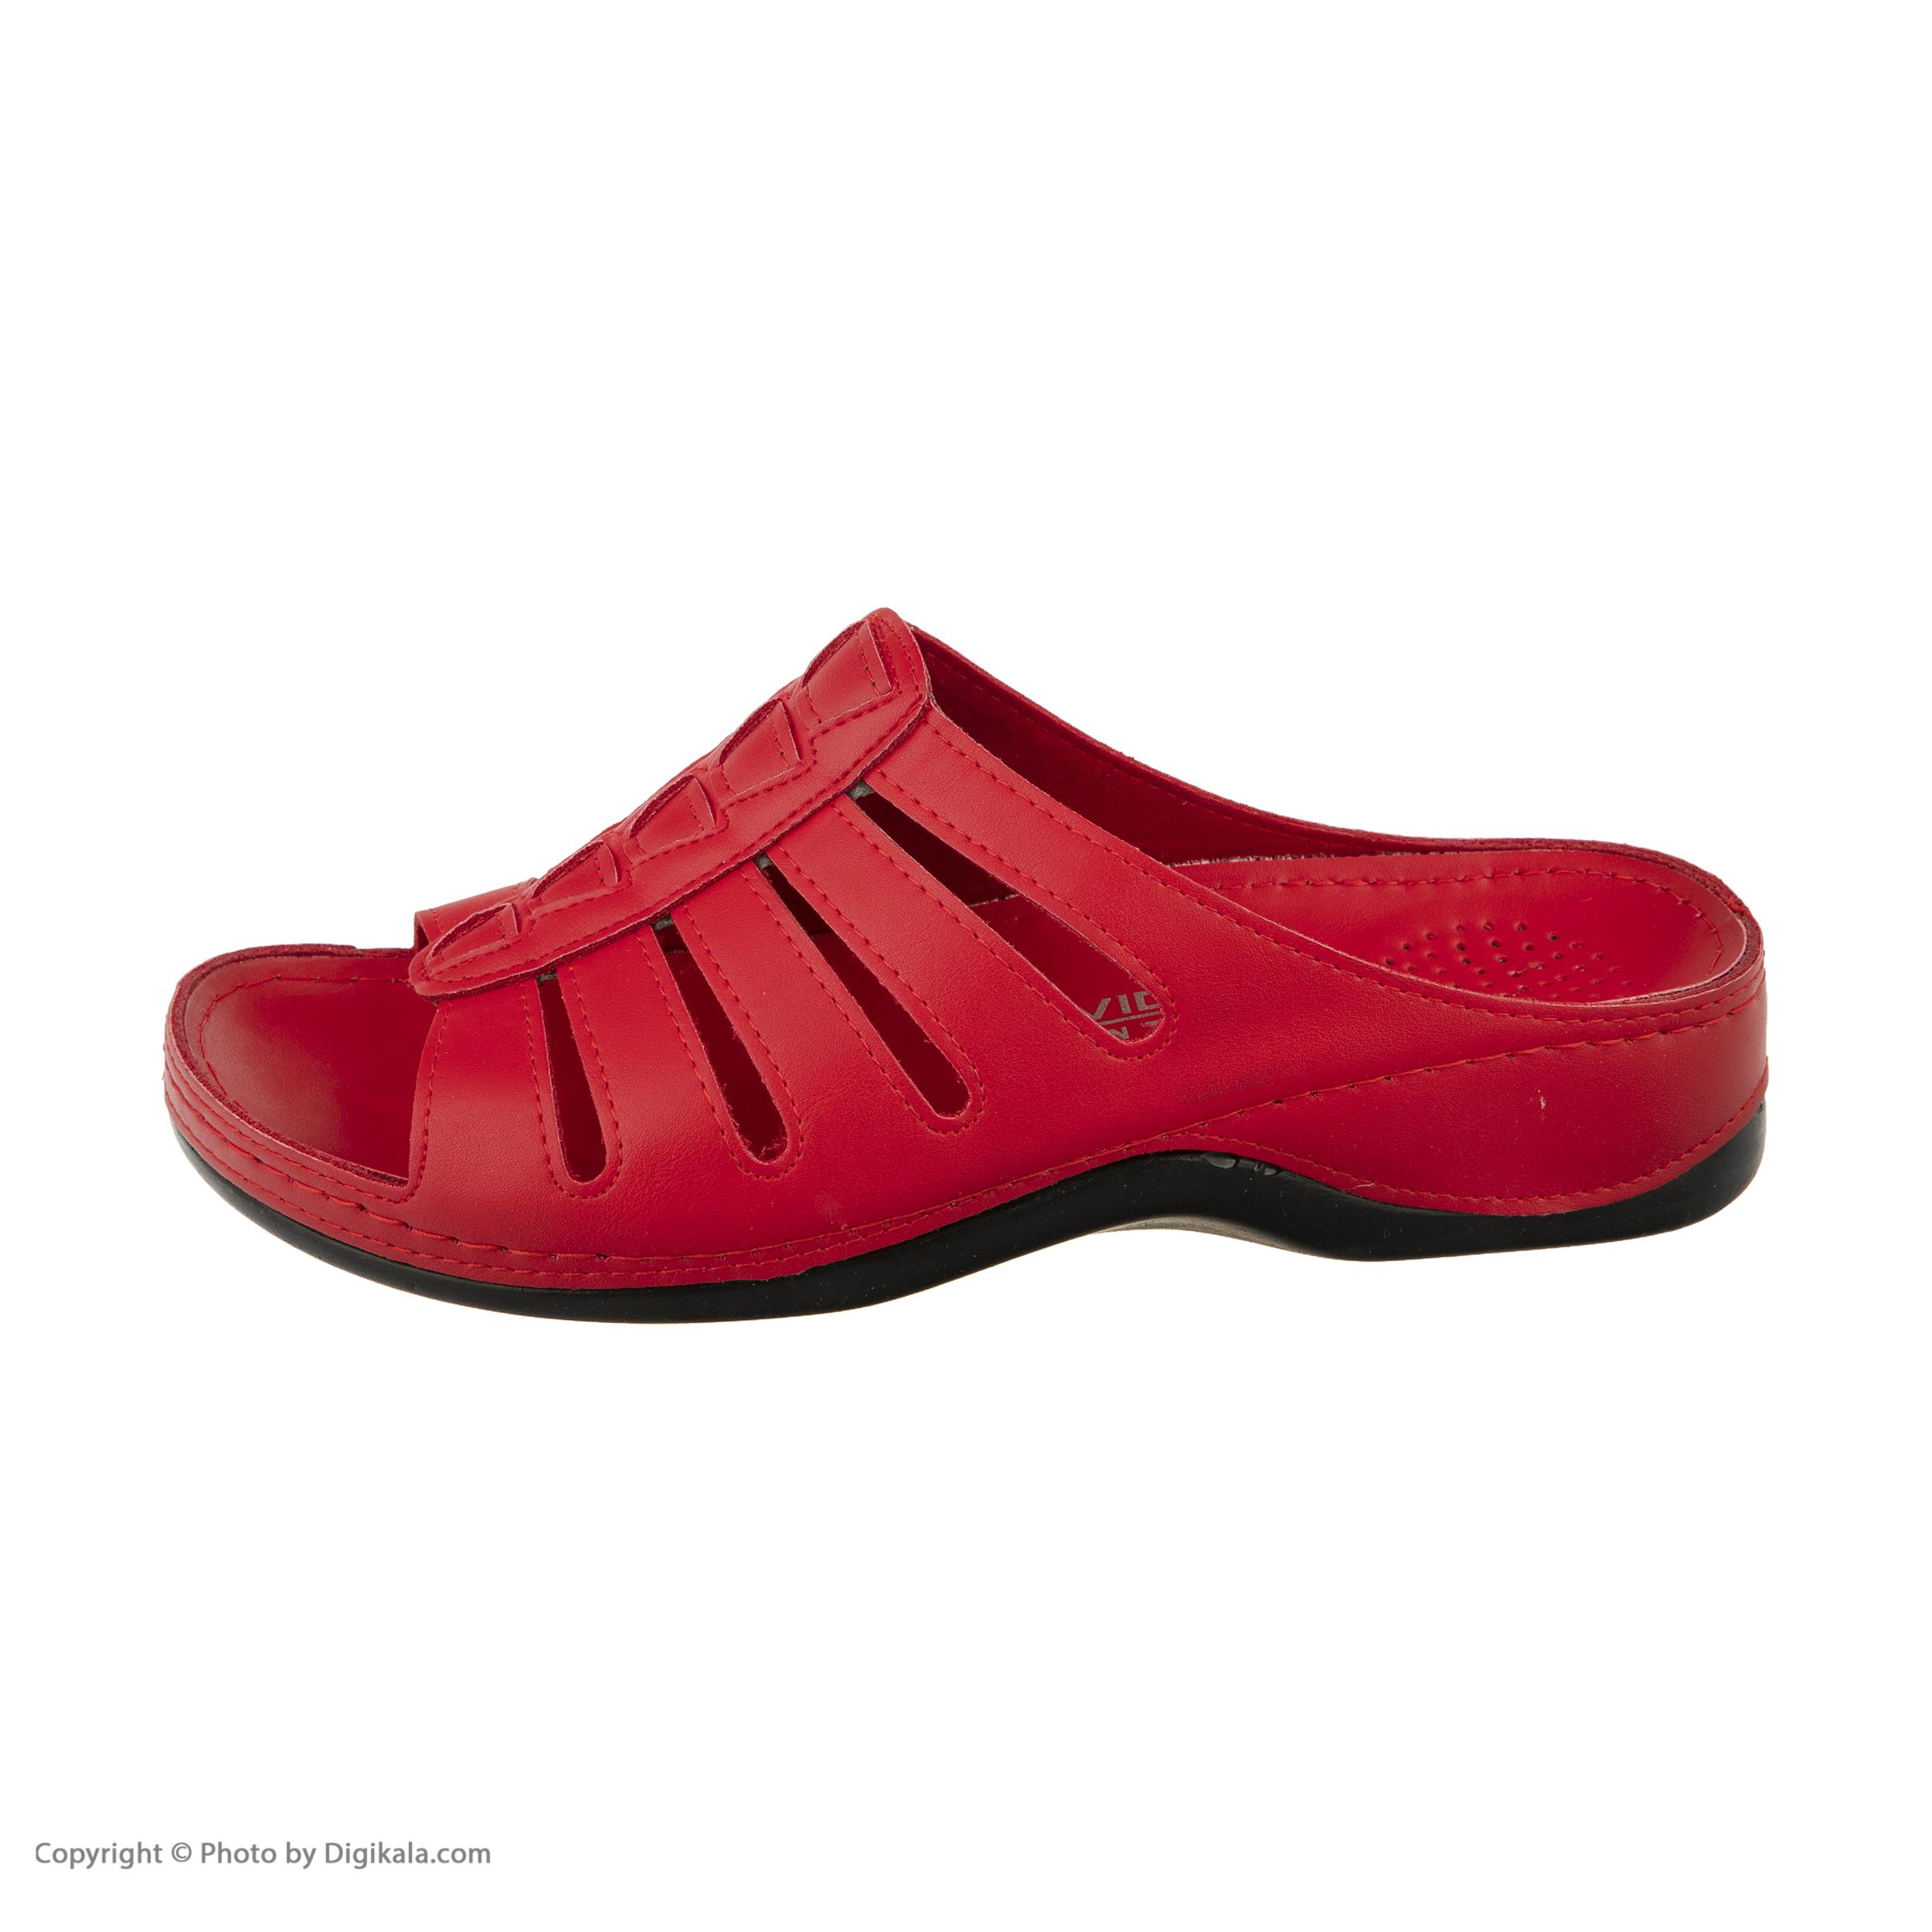 دمپایی زنانه آویده کد av-0304206 رنگ قرمز -  - 5